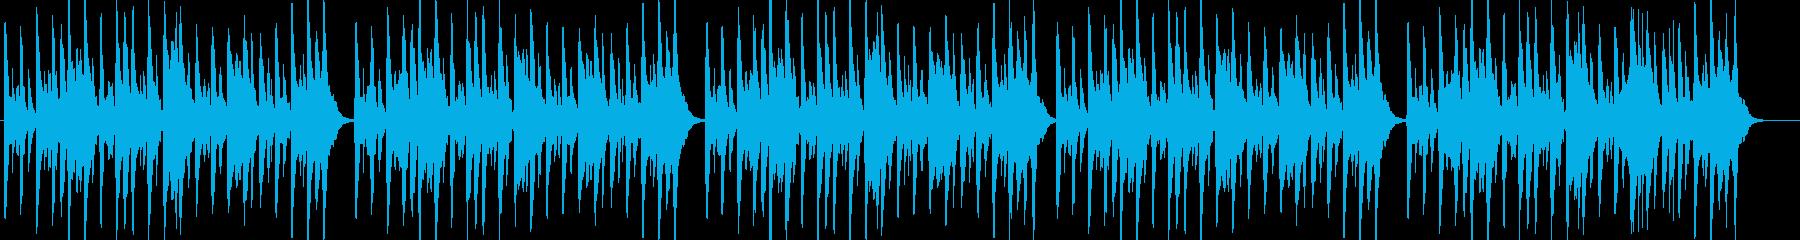 ピチカートチェロは、きらめくストリ...の再生済みの波形